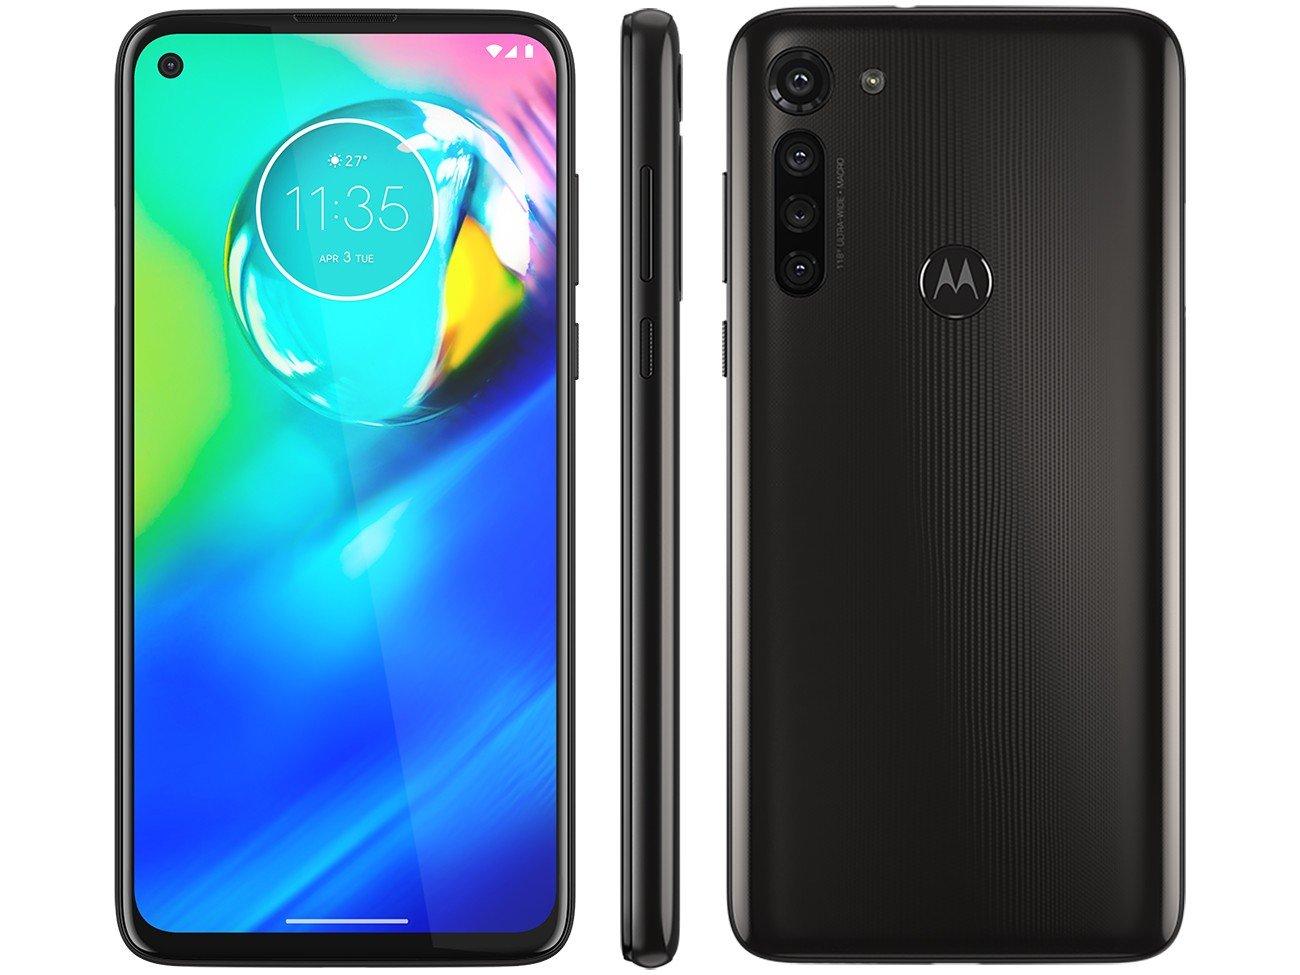 """Smartphone Motorola Moto G8 Power Preto Titanium 64GB, Tela de 6.4"""" FHD+, Câmera Traseira Quádrupla, Android 10 e Processador Qualcomm Octa-Core - 3"""